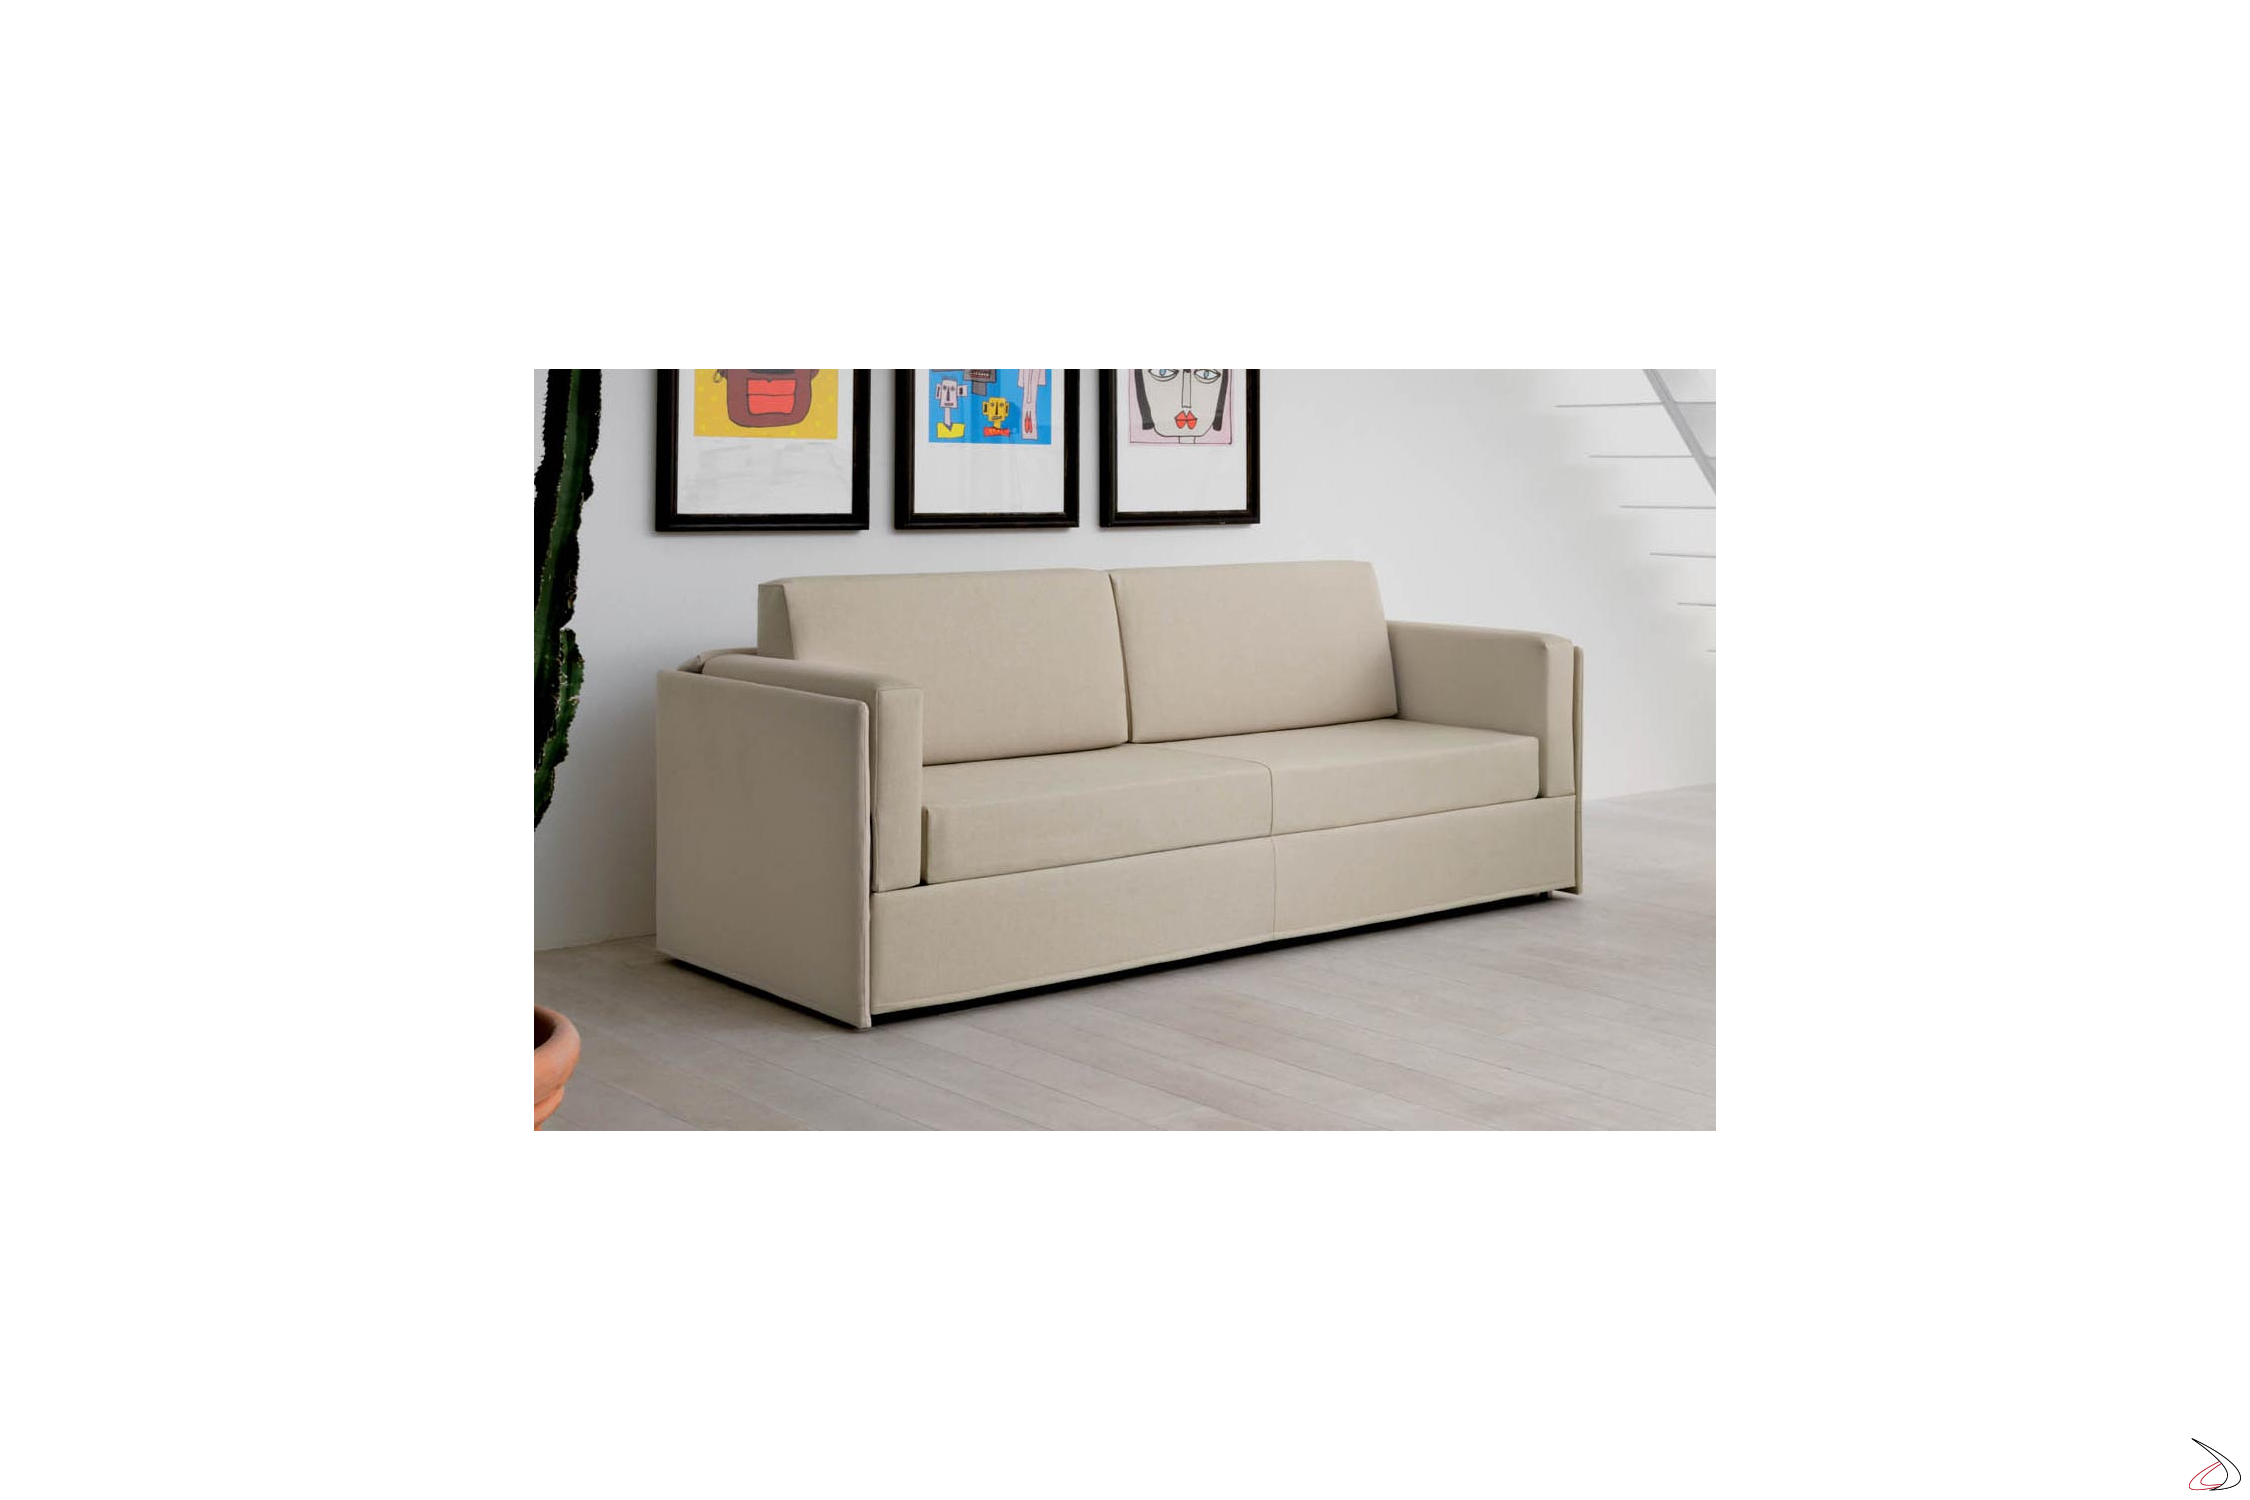 Letti A Castello Moderni.Castel Modern Bunk Bed Sofa Toparredi Arredo Design Online